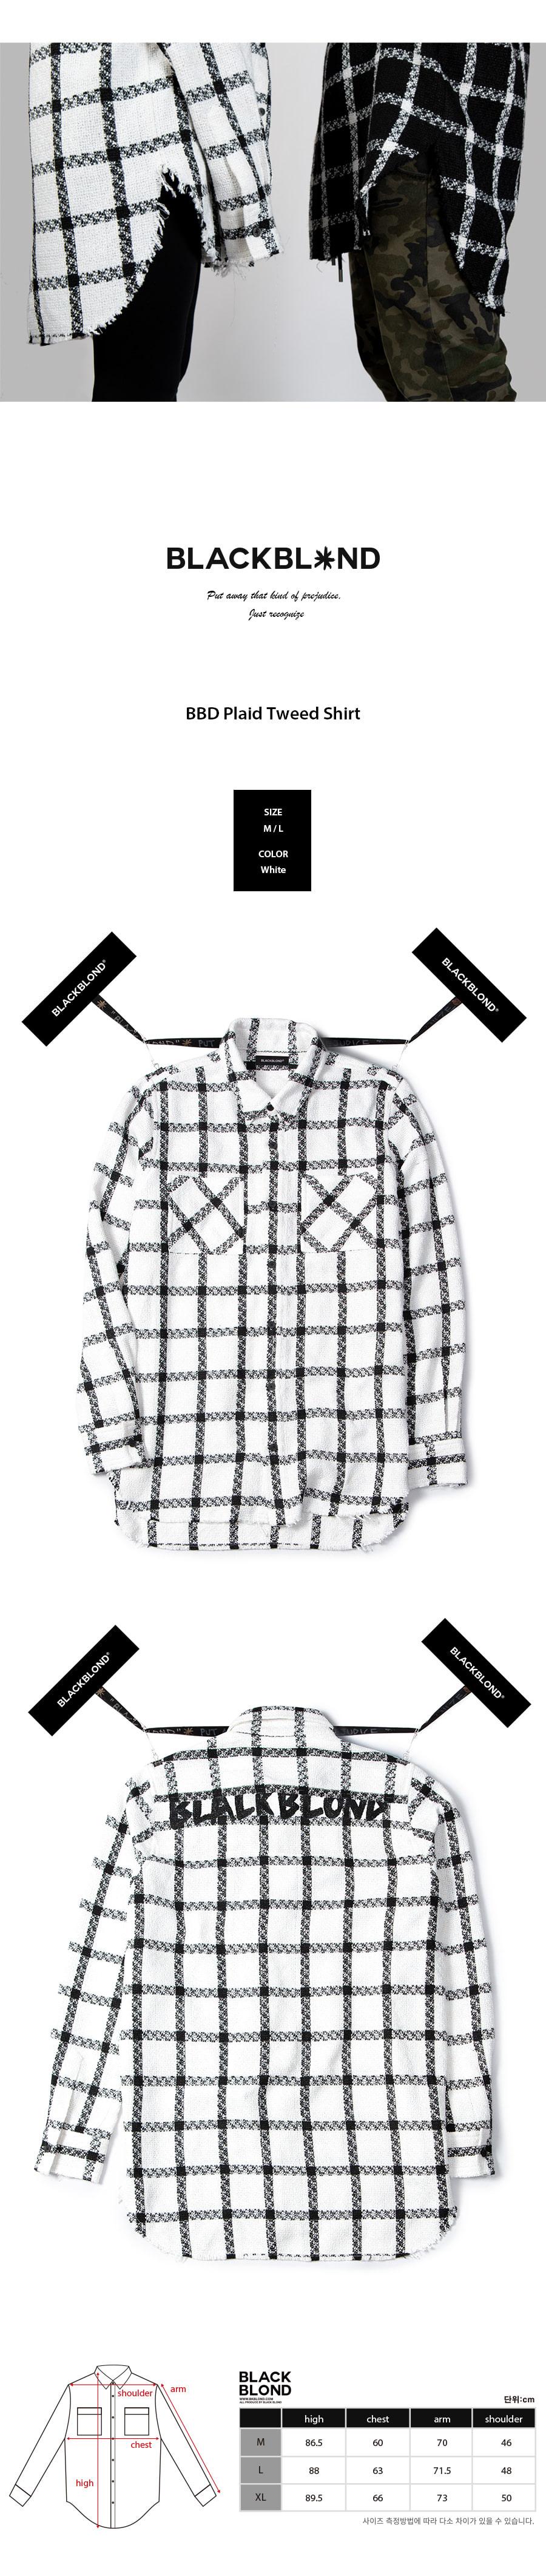 BBD-Plaid-Tweed-Shirt-%28White%29.jpg